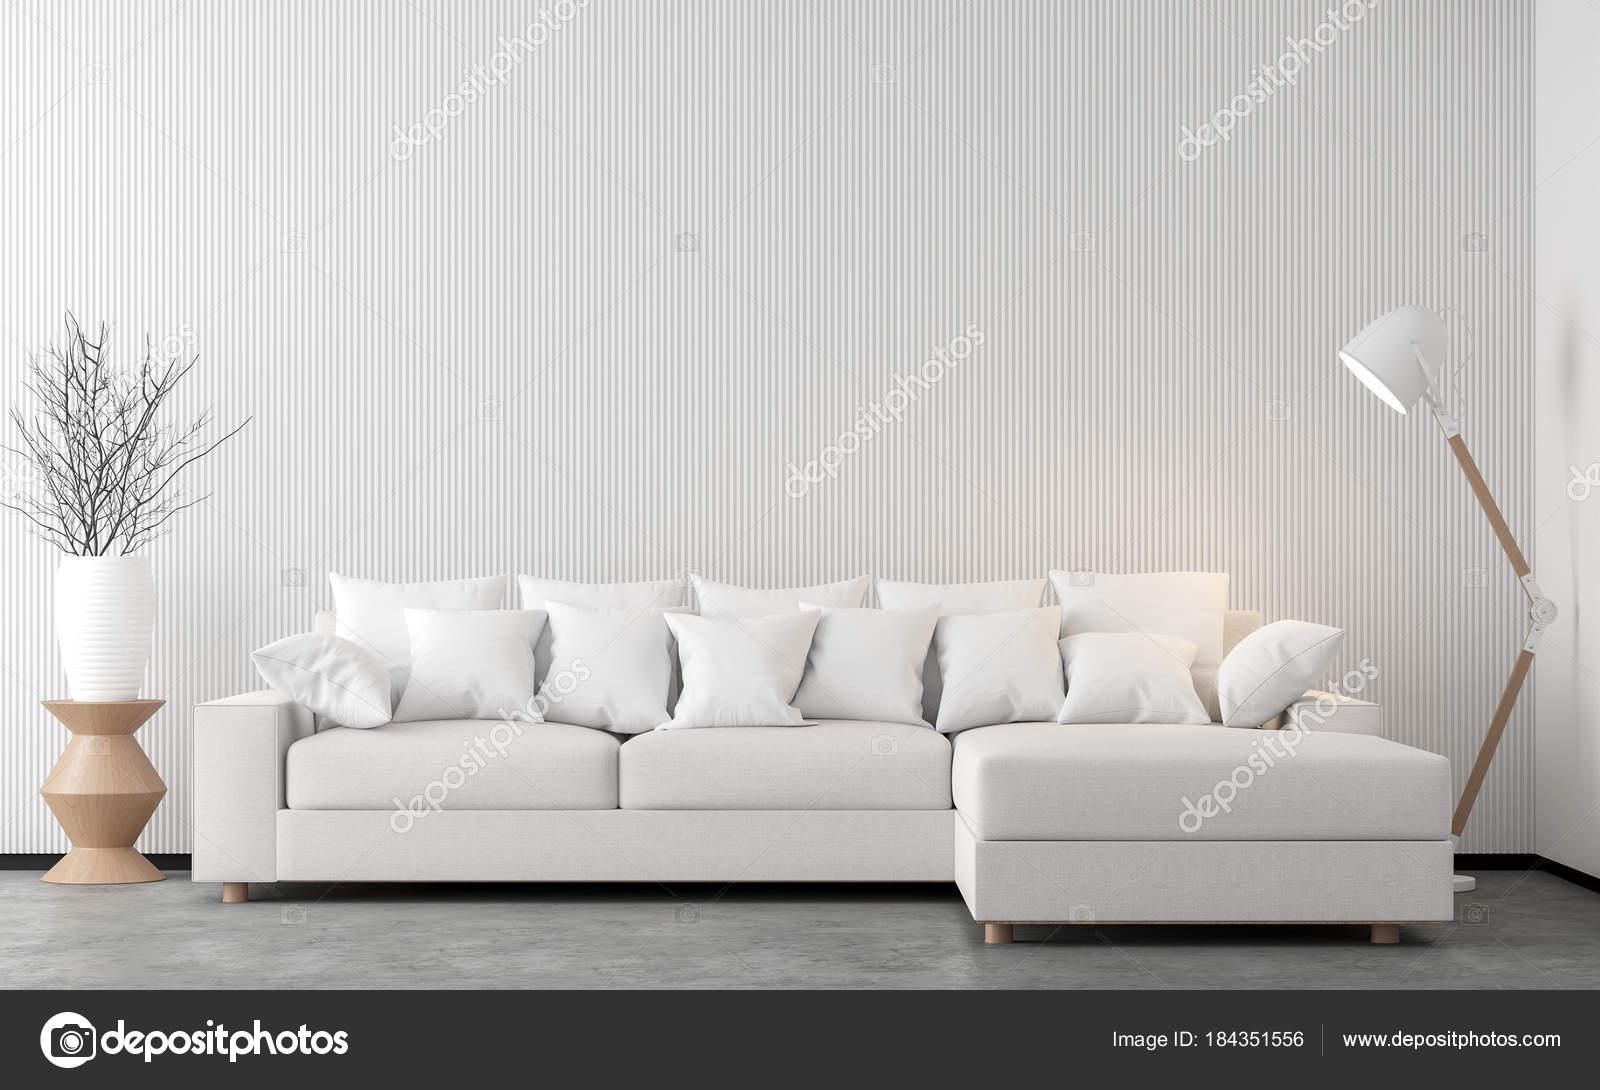 Minimal Stil Wohnzimmer Render Bild Gibt Betonboden Dekorieren Mit Weißen U2014  Stockfoto